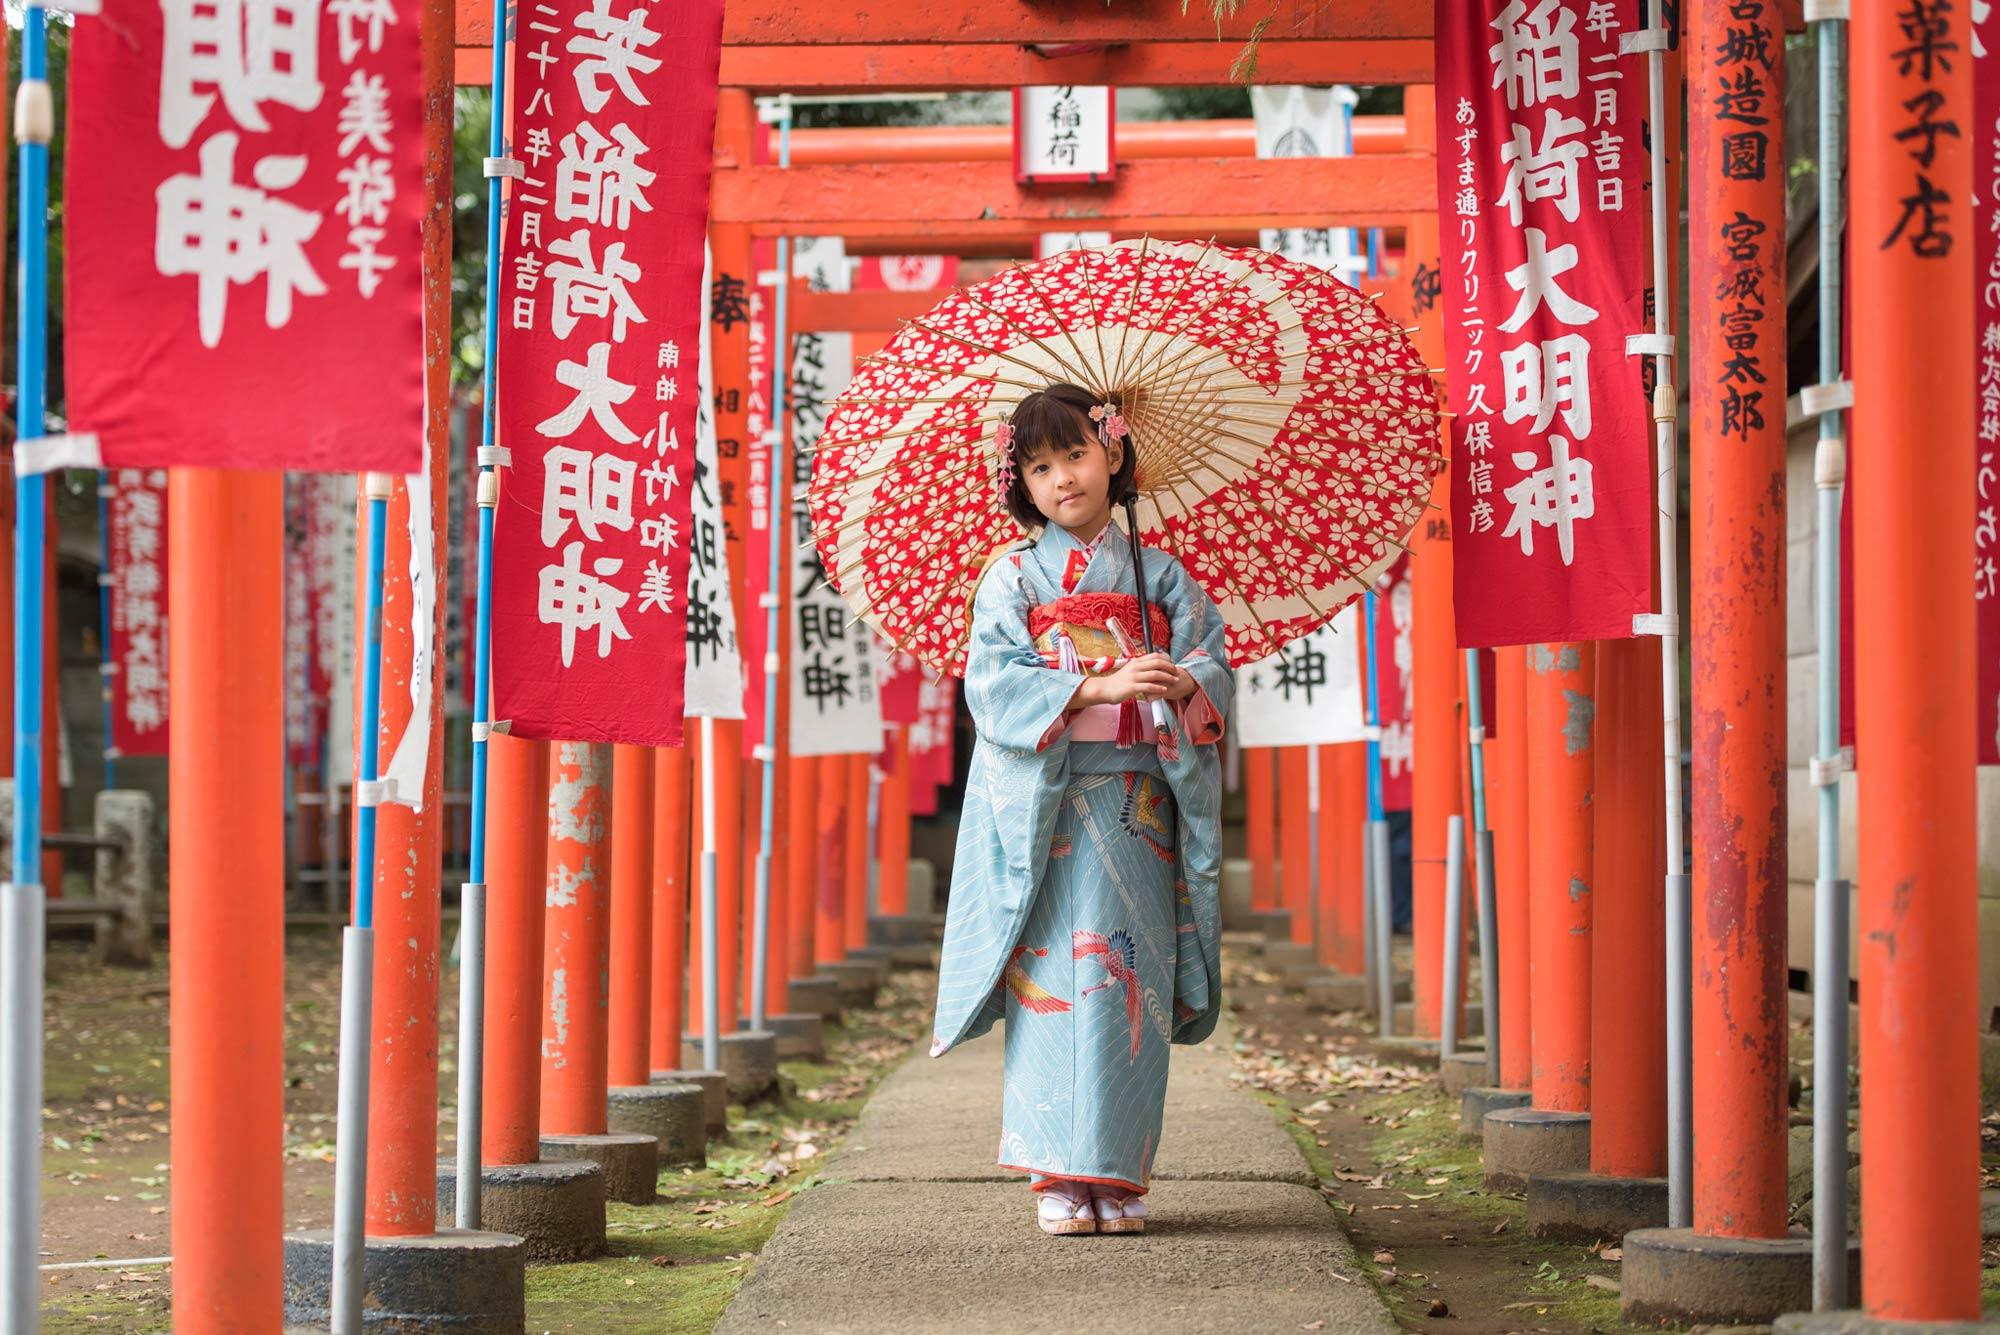 七五三の出張撮影|また会えましたね。|東京都|豊島区|鬼子母神堂